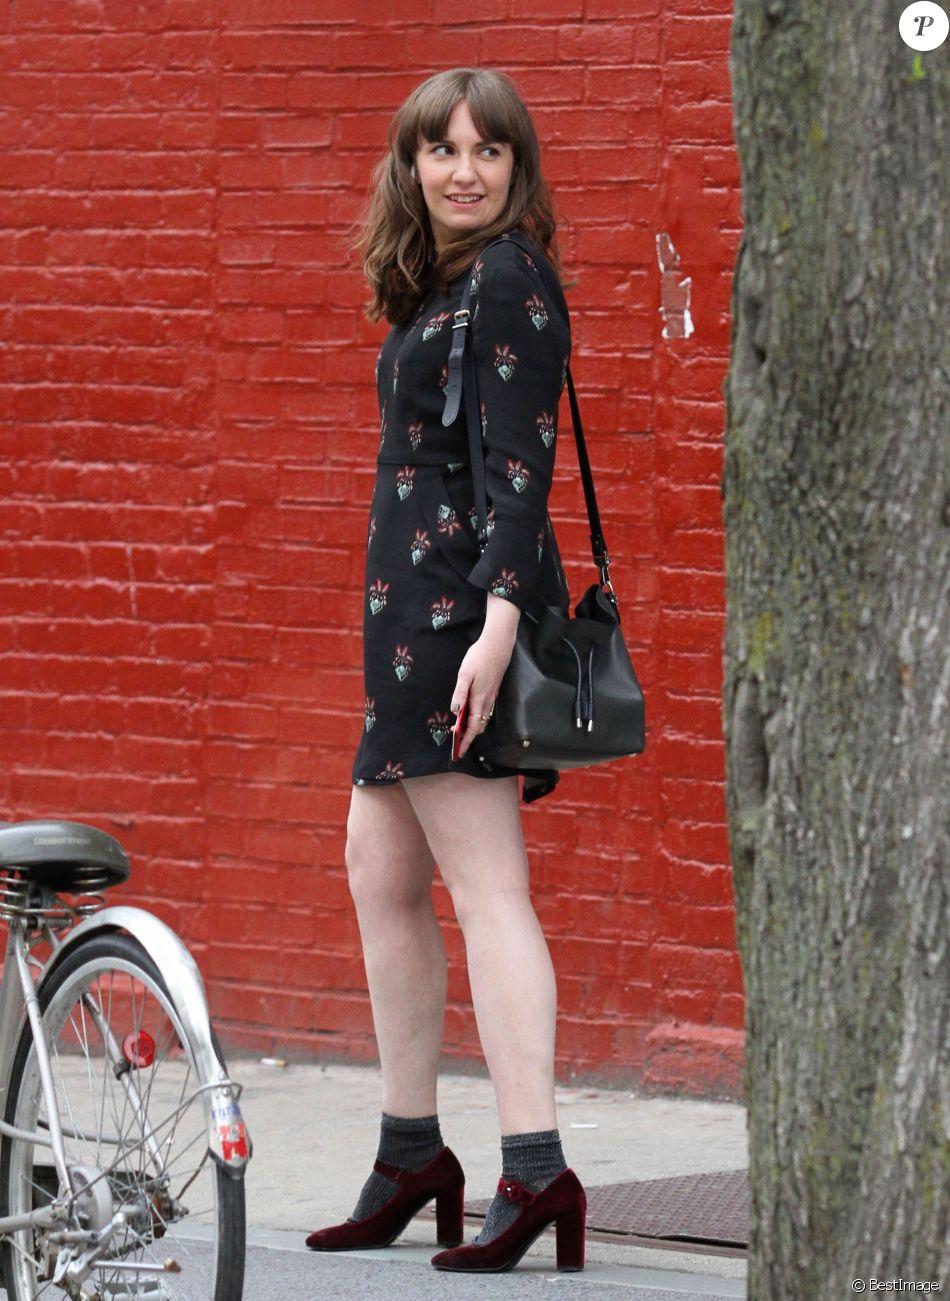 Lena Dunham et Travis Fimmel sur le tournage d'un film dans le quartier de Brooklyn à New York, le 13 avril 2017